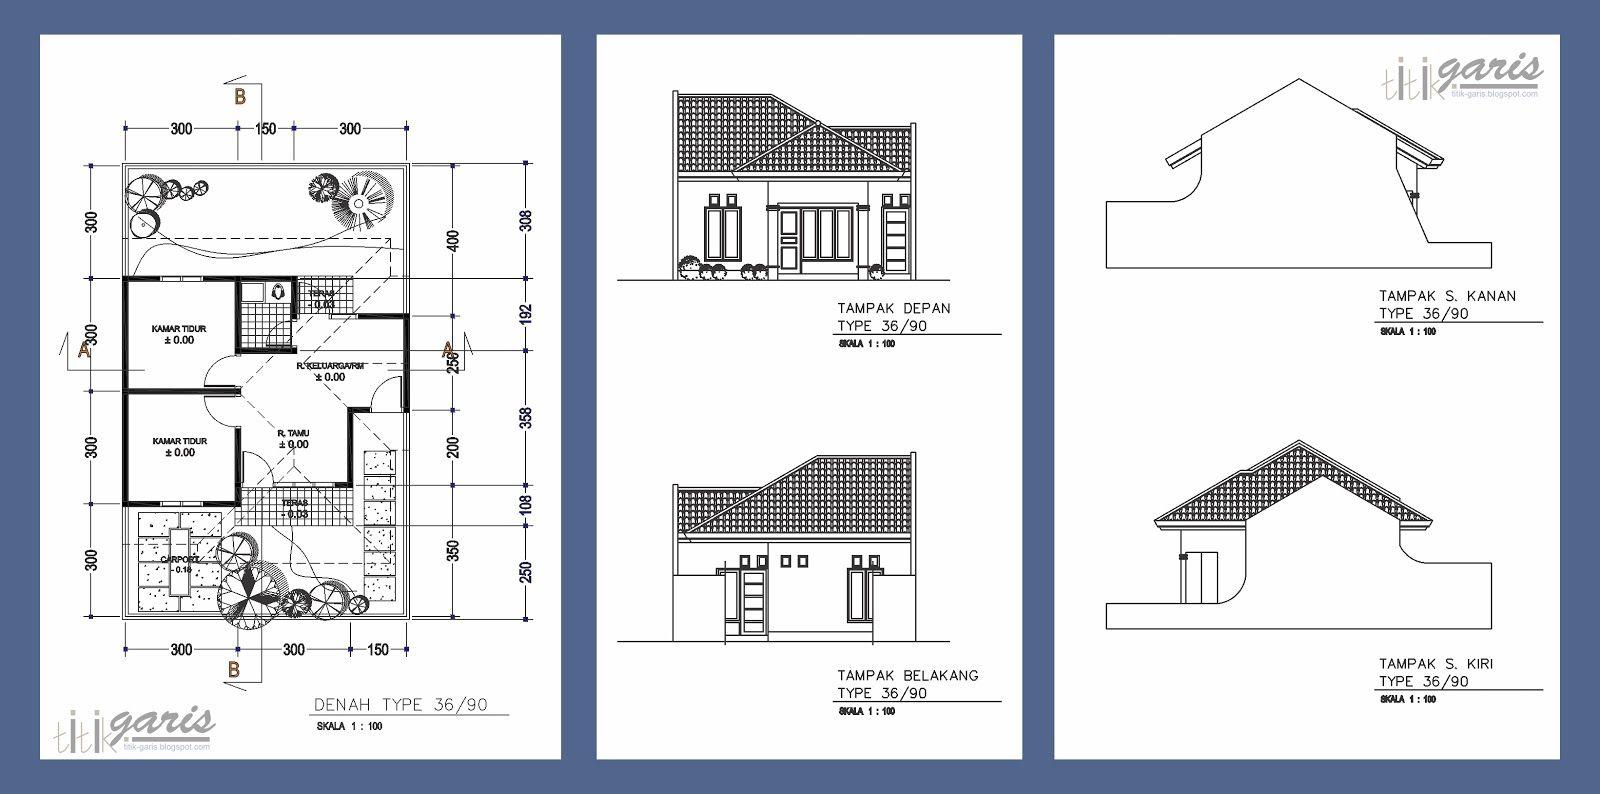 Denah Rumah Dan Tampak Kreasi Rumah House Floor Plans Home Design Plans Residential House